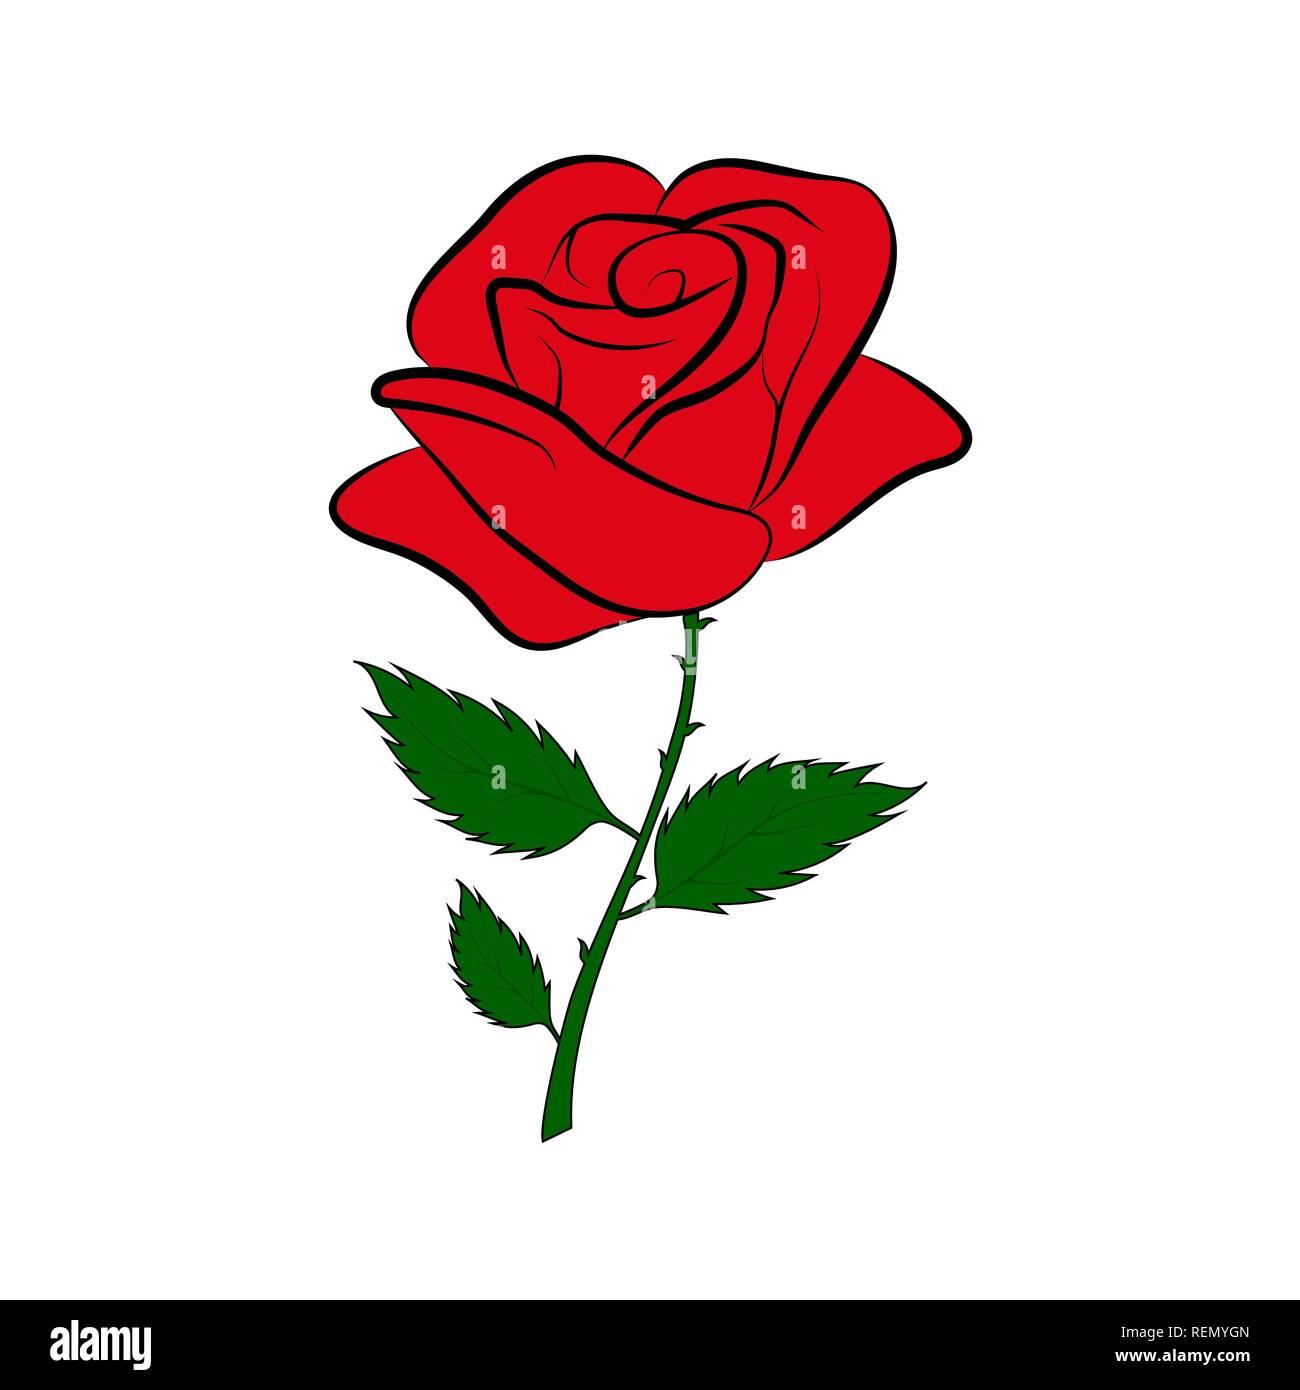 Silhouette de couleur simple dessin d 39 une rose rouge sur un p doncule vert vecteurs et - Dessin facile rose ...